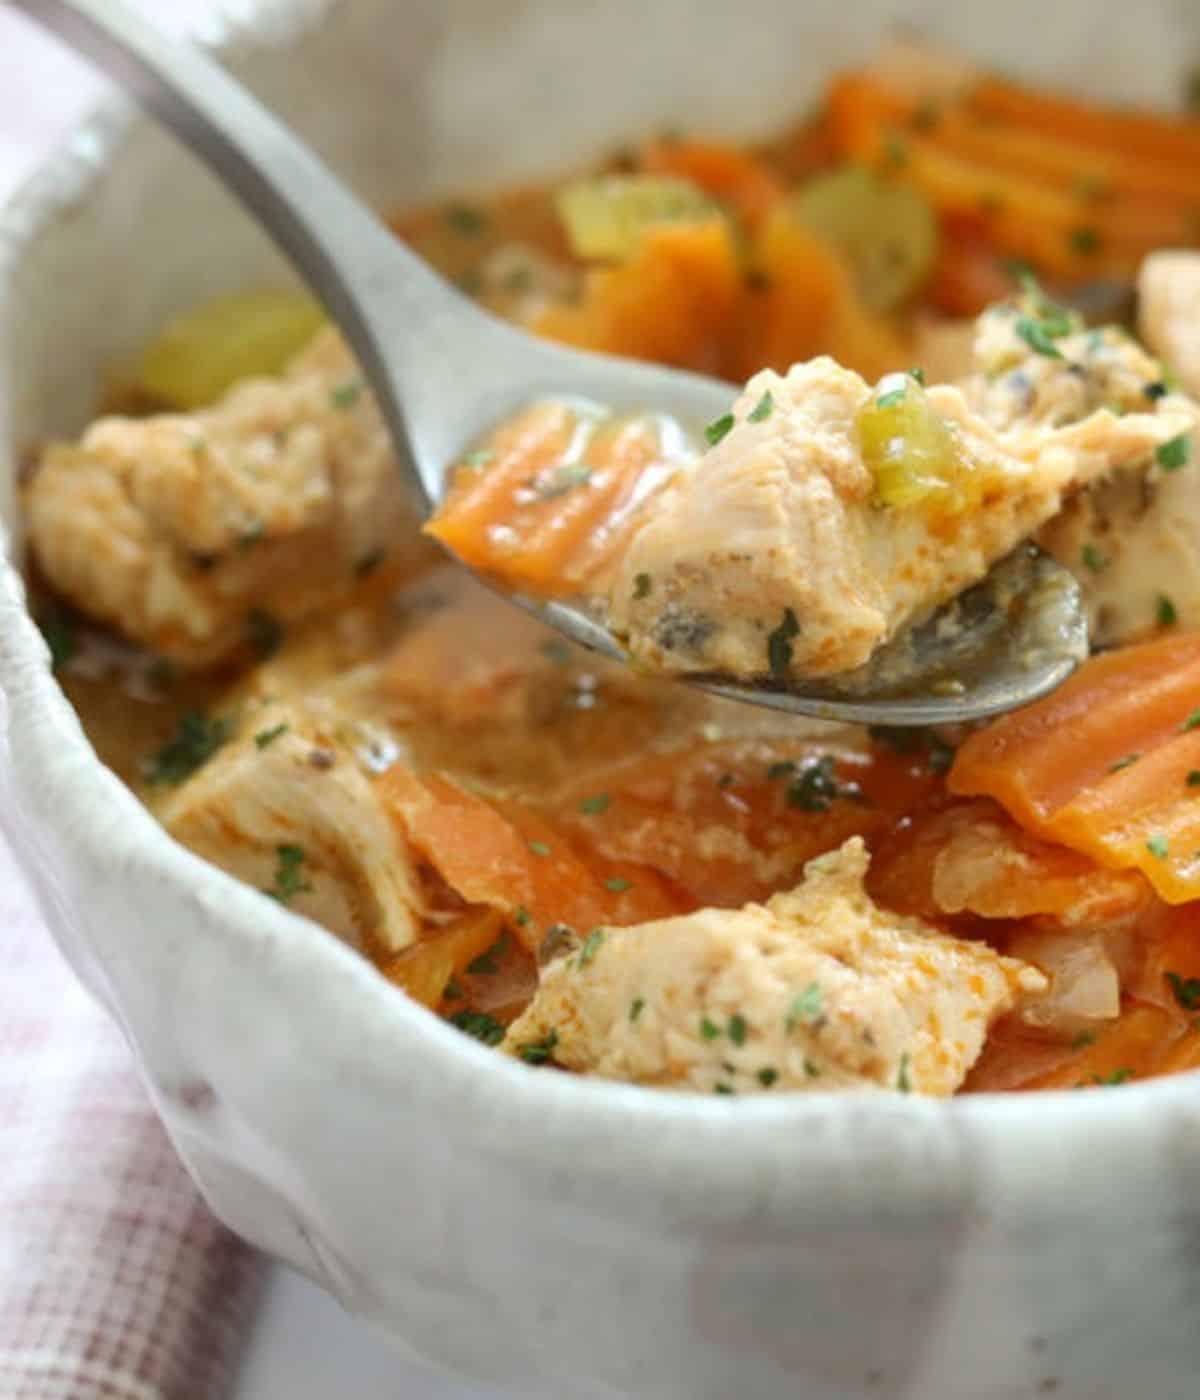 spoonful of turkey soup